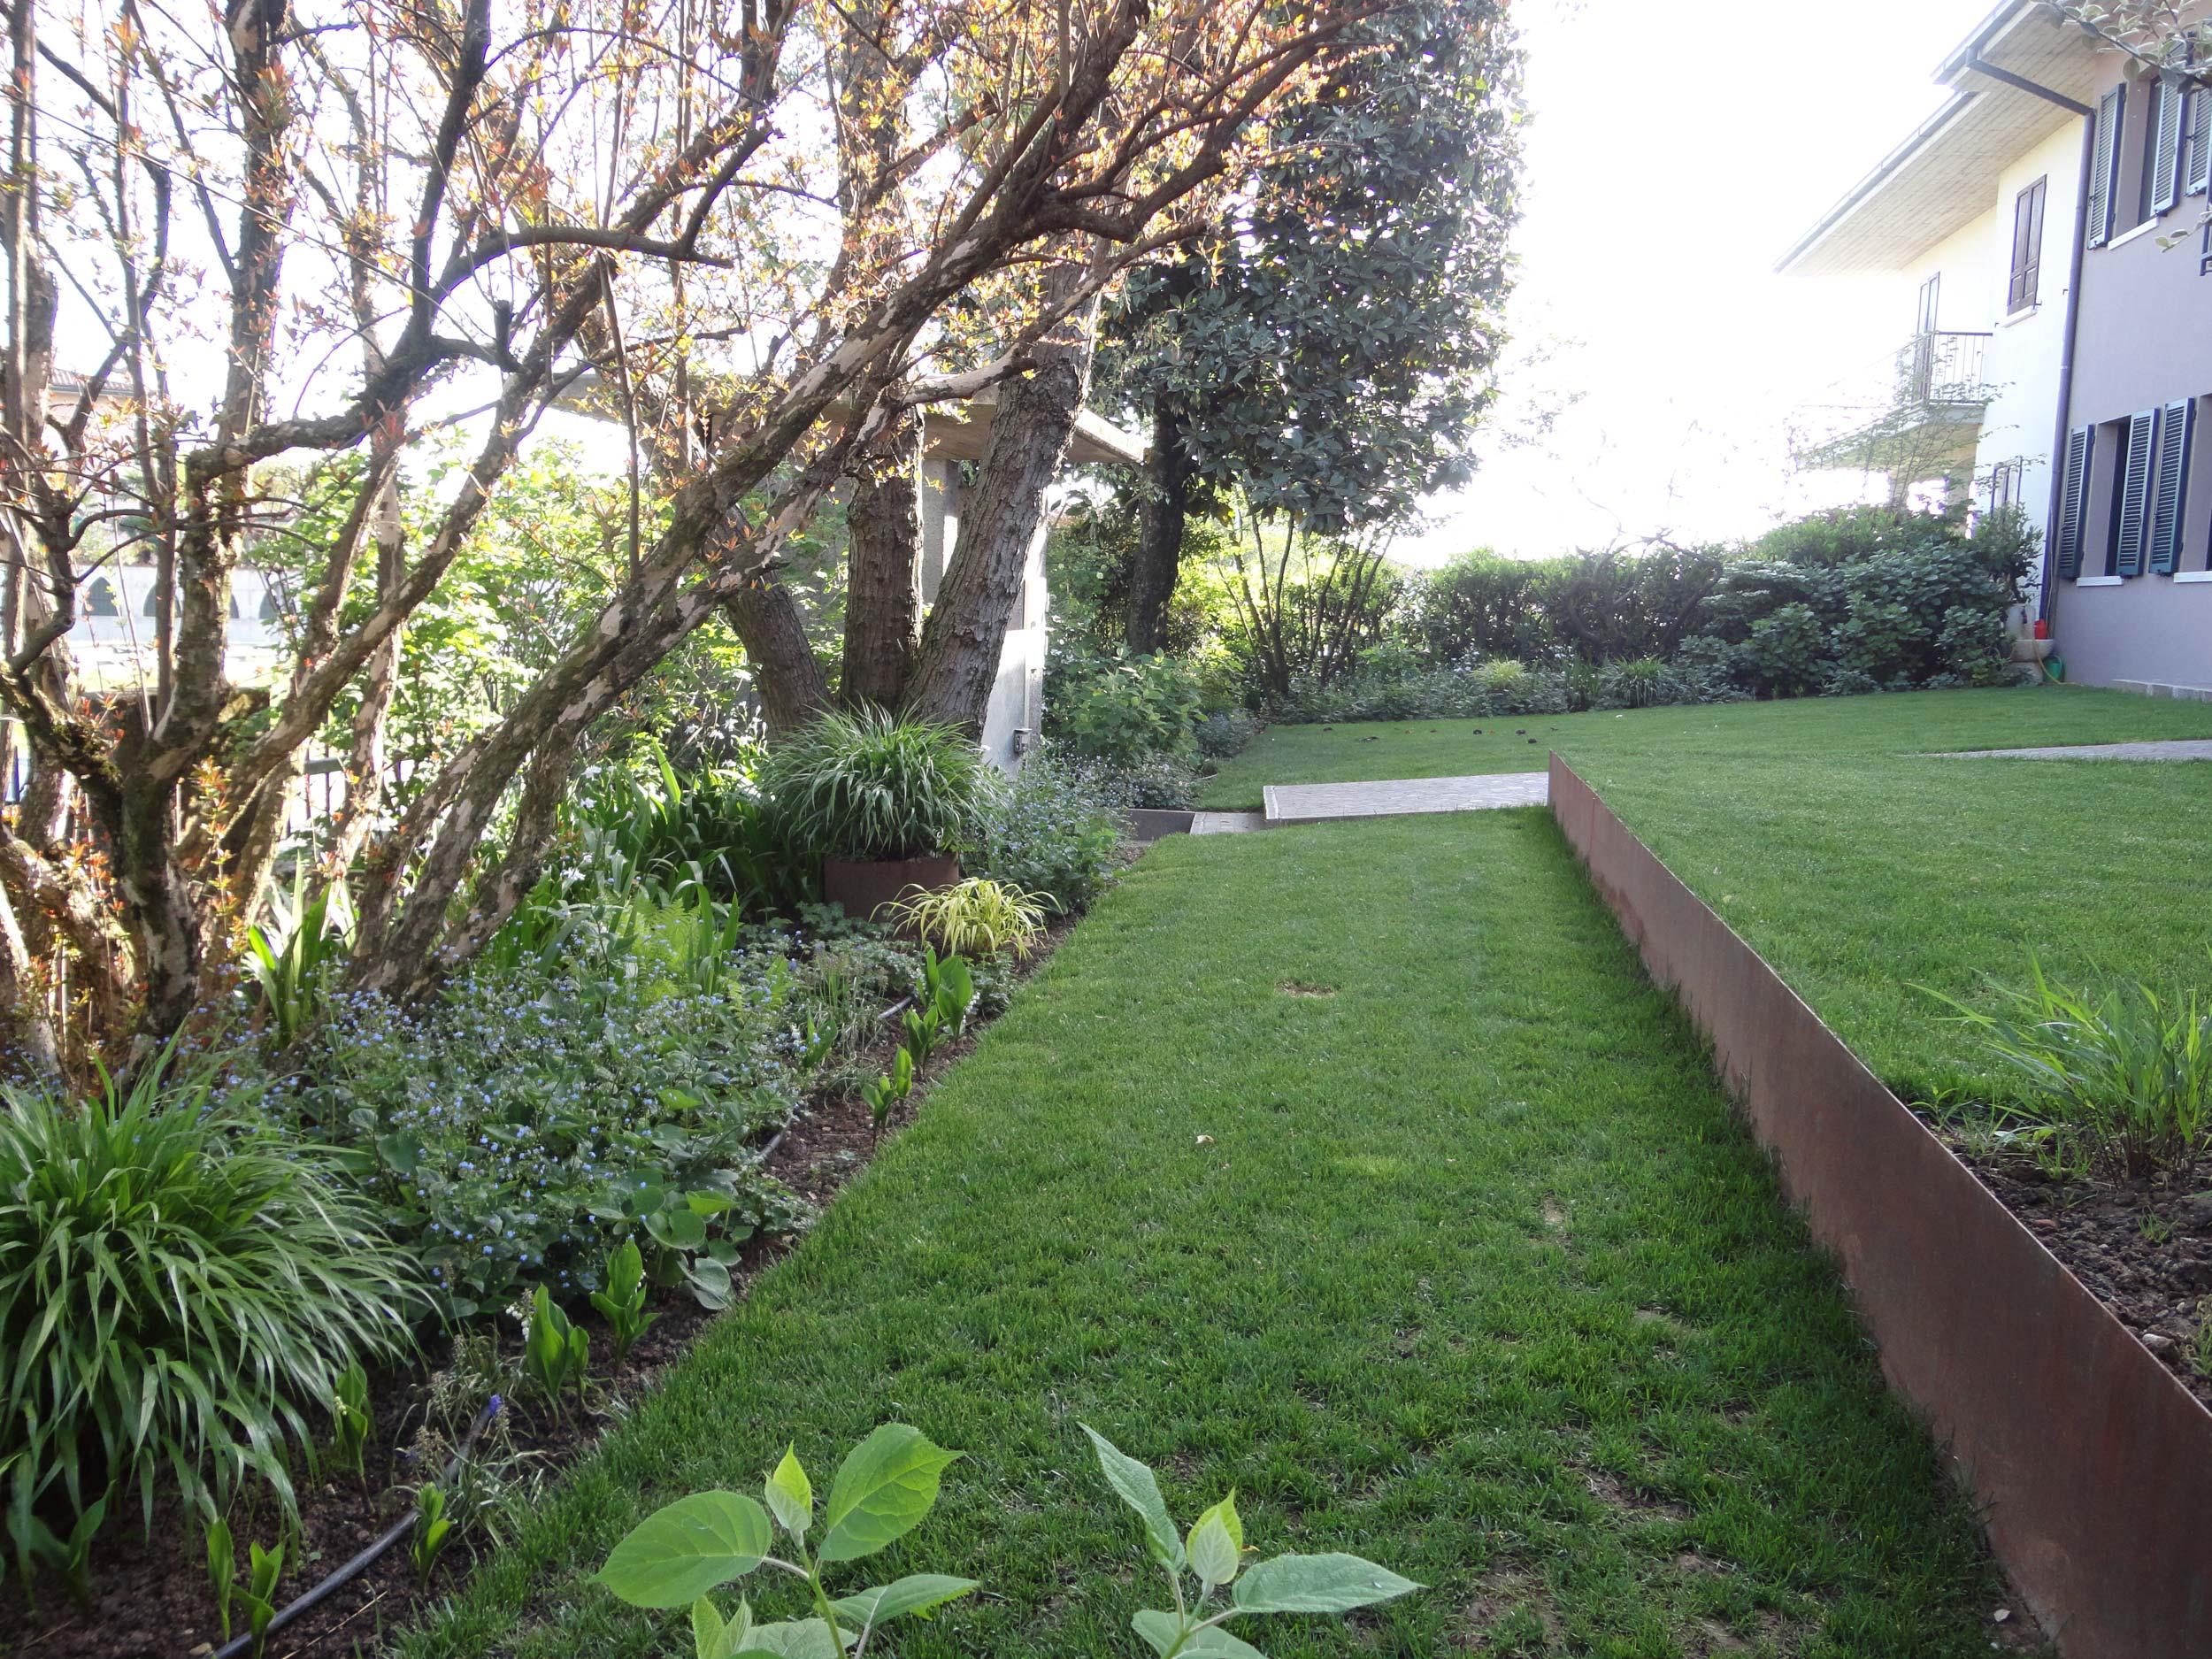 Giardino casa privata verolavecchia bs anno 2013 - Terrazzamenti giardino ...